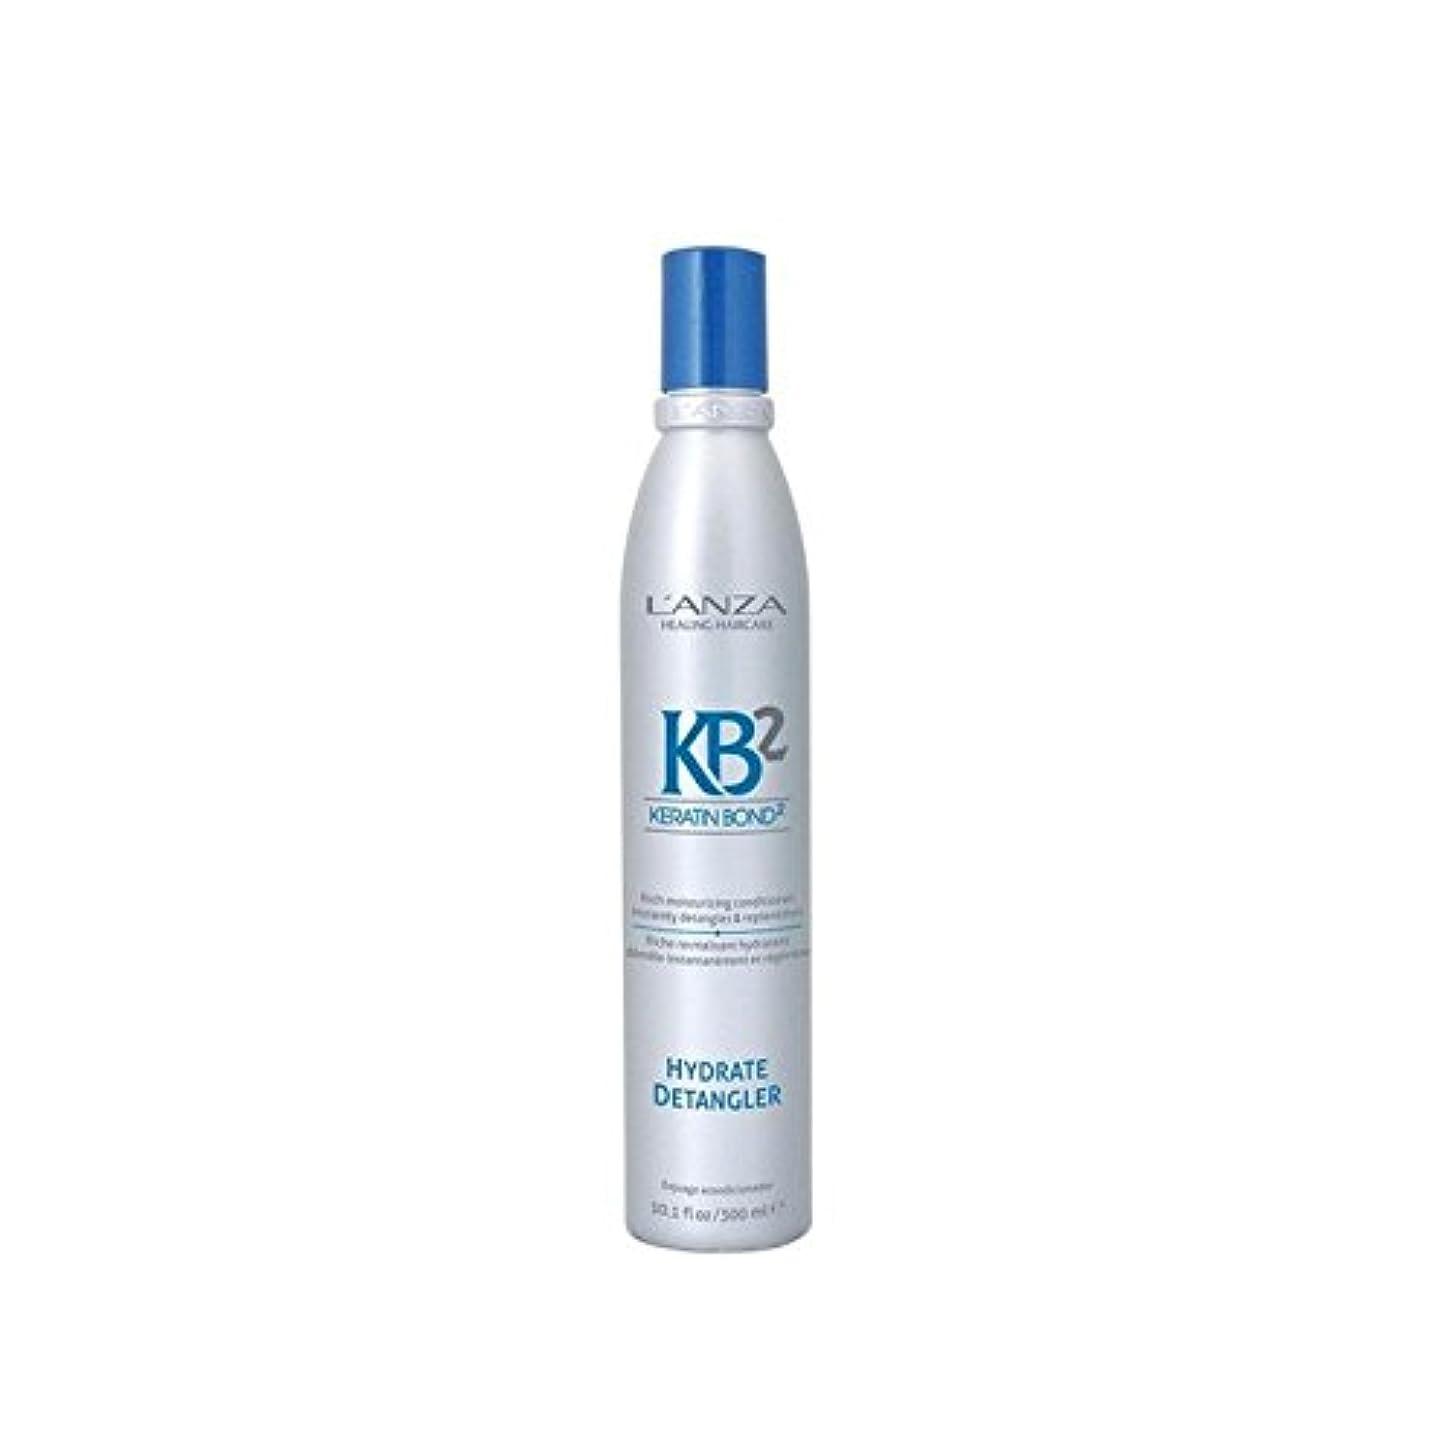 トンに賛成原稿アンザ2和物(300ミリリットル) x2 - L'Anza Kb2 Hydrate Detangler (300ml) (Pack of 2) [並行輸入品]